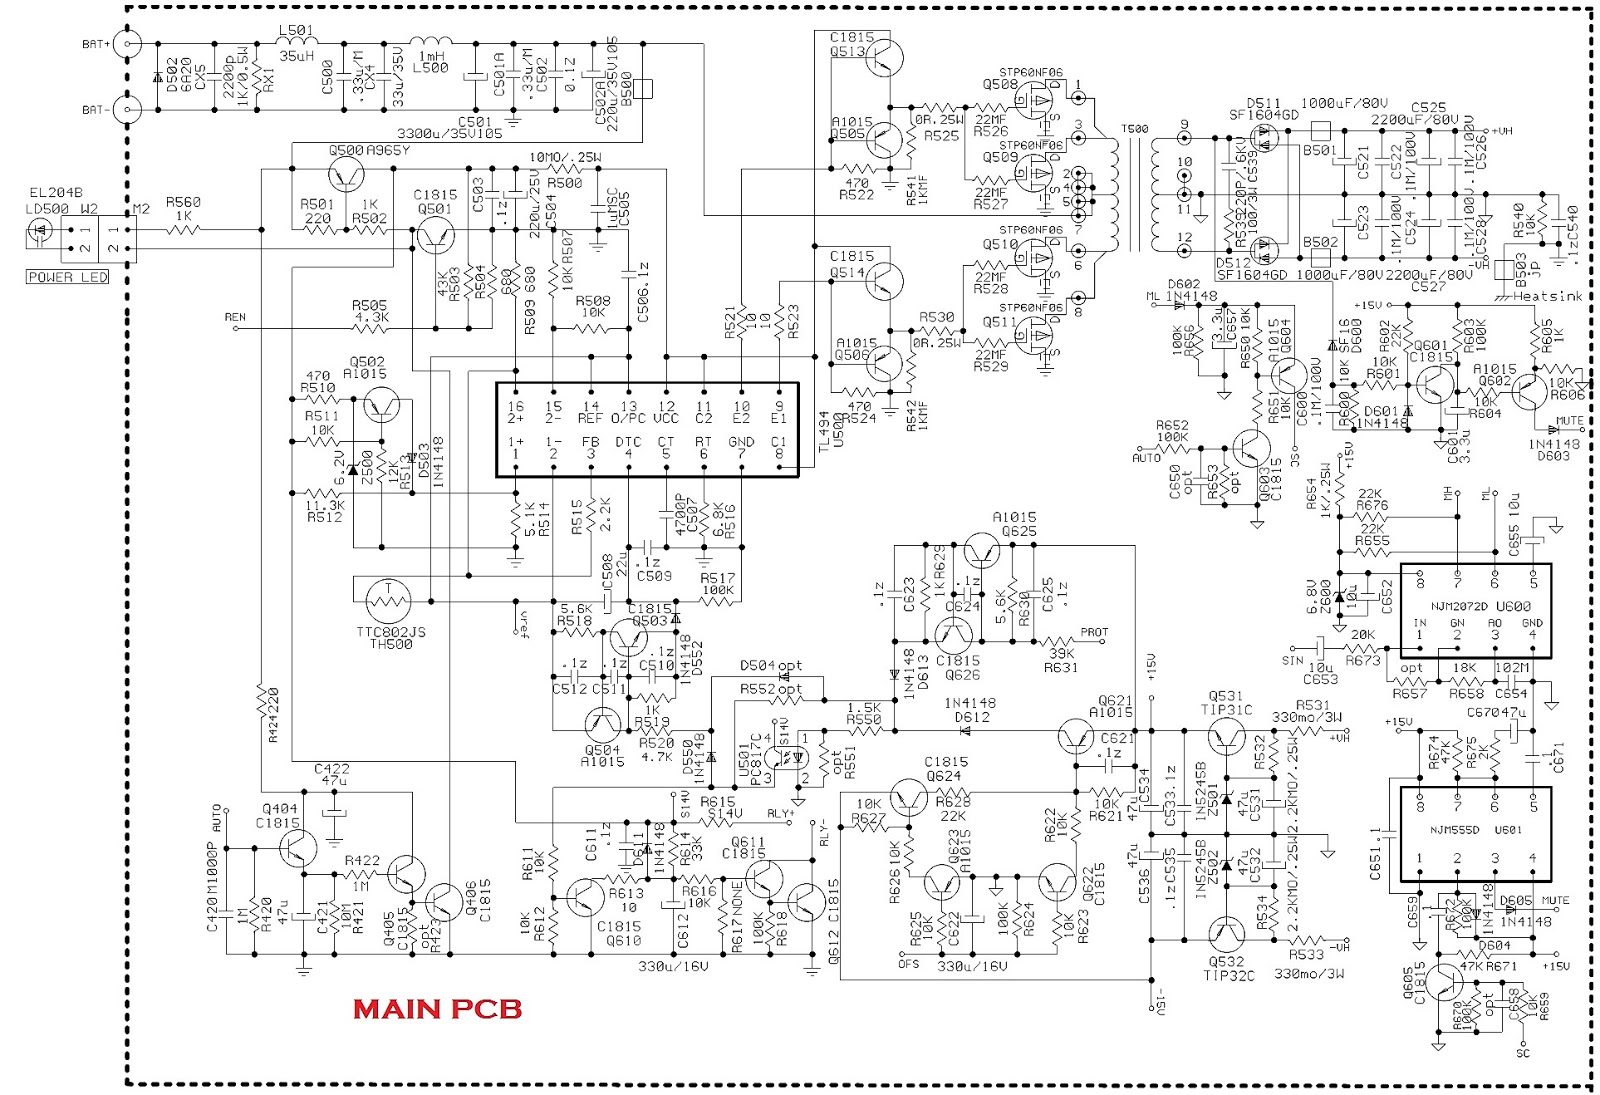 medium resolution of infiniti g35 radio wiring diagram free image about wiring diagram